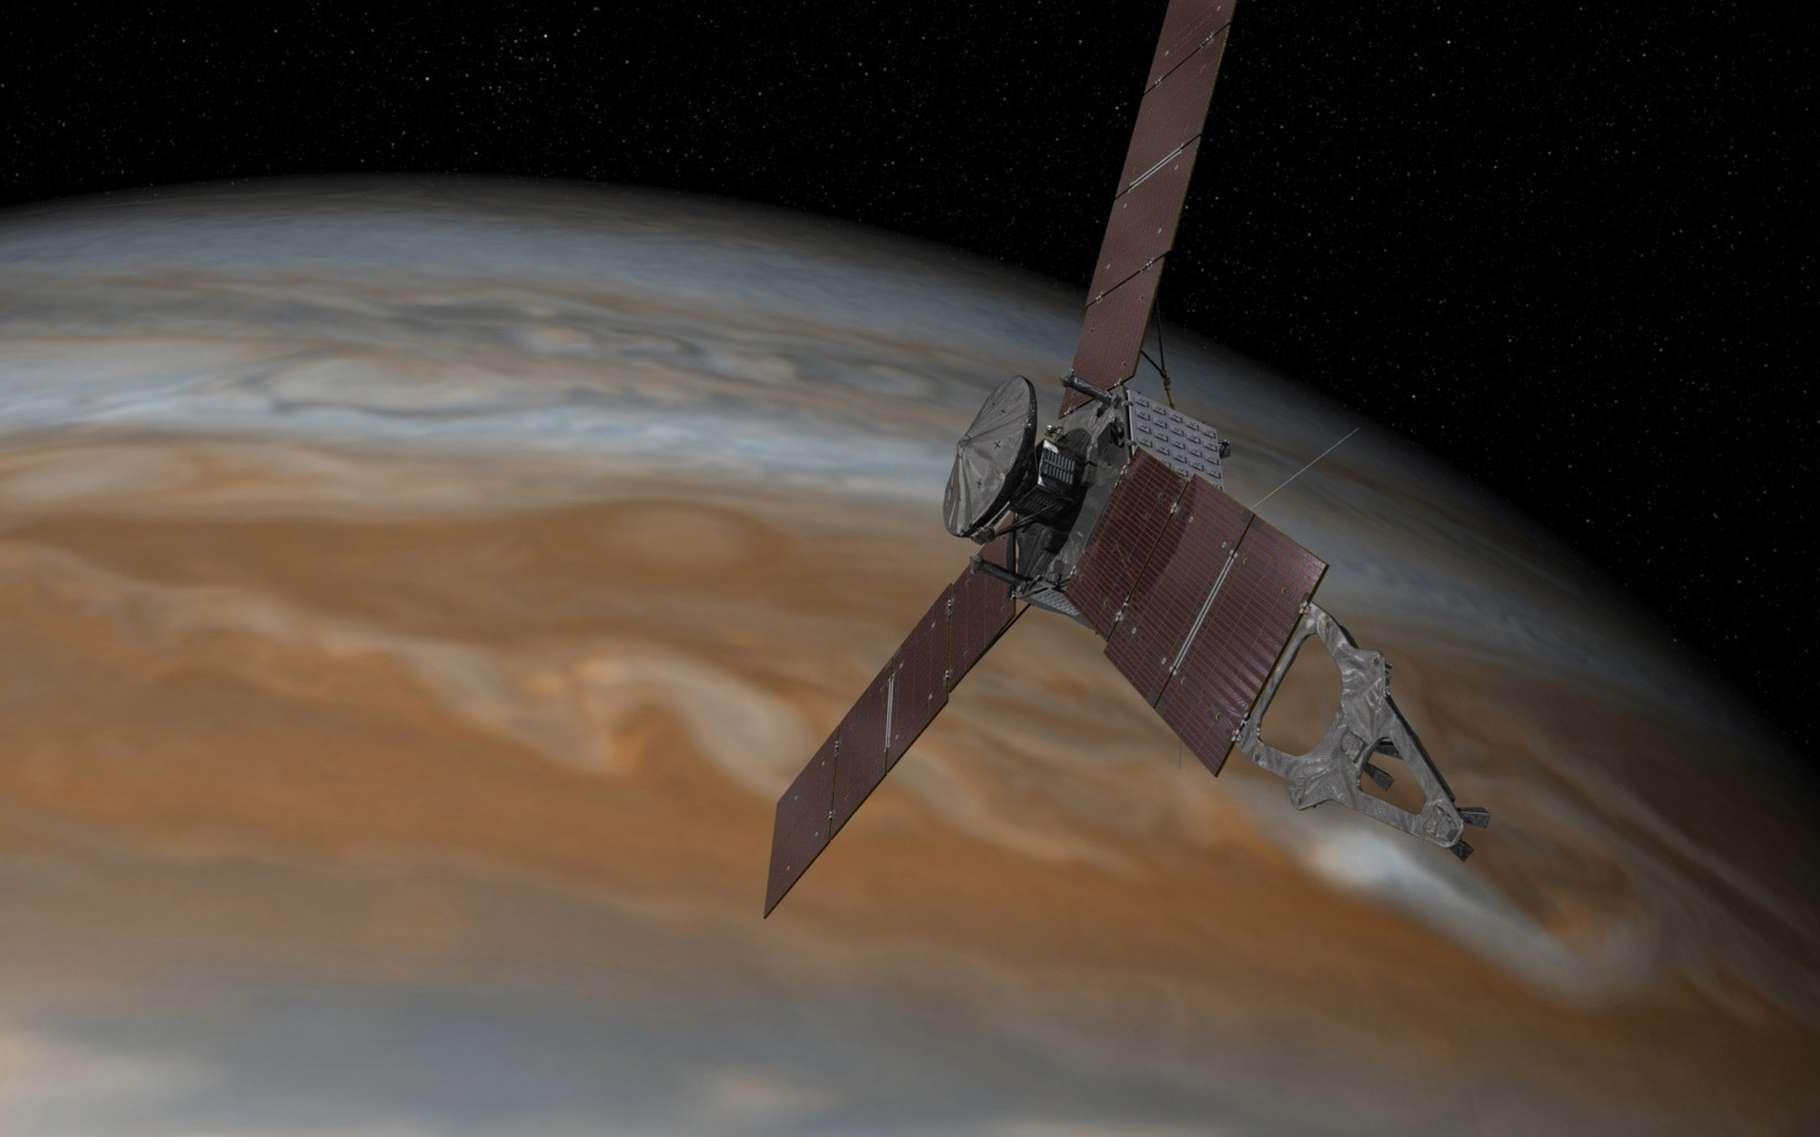 Le système d'exploitation temps réel VxWorks de Wind River a permis à la Nasa d'approcher la sonde Juno au plus près de Jupiter cinquième planète à partir du soleil. Le RTOS a servi dans le cadre d'opérations critiques de guidage, de navigation, de transfert de données, de propulsion, de communication notamment. © Nasa, JPL